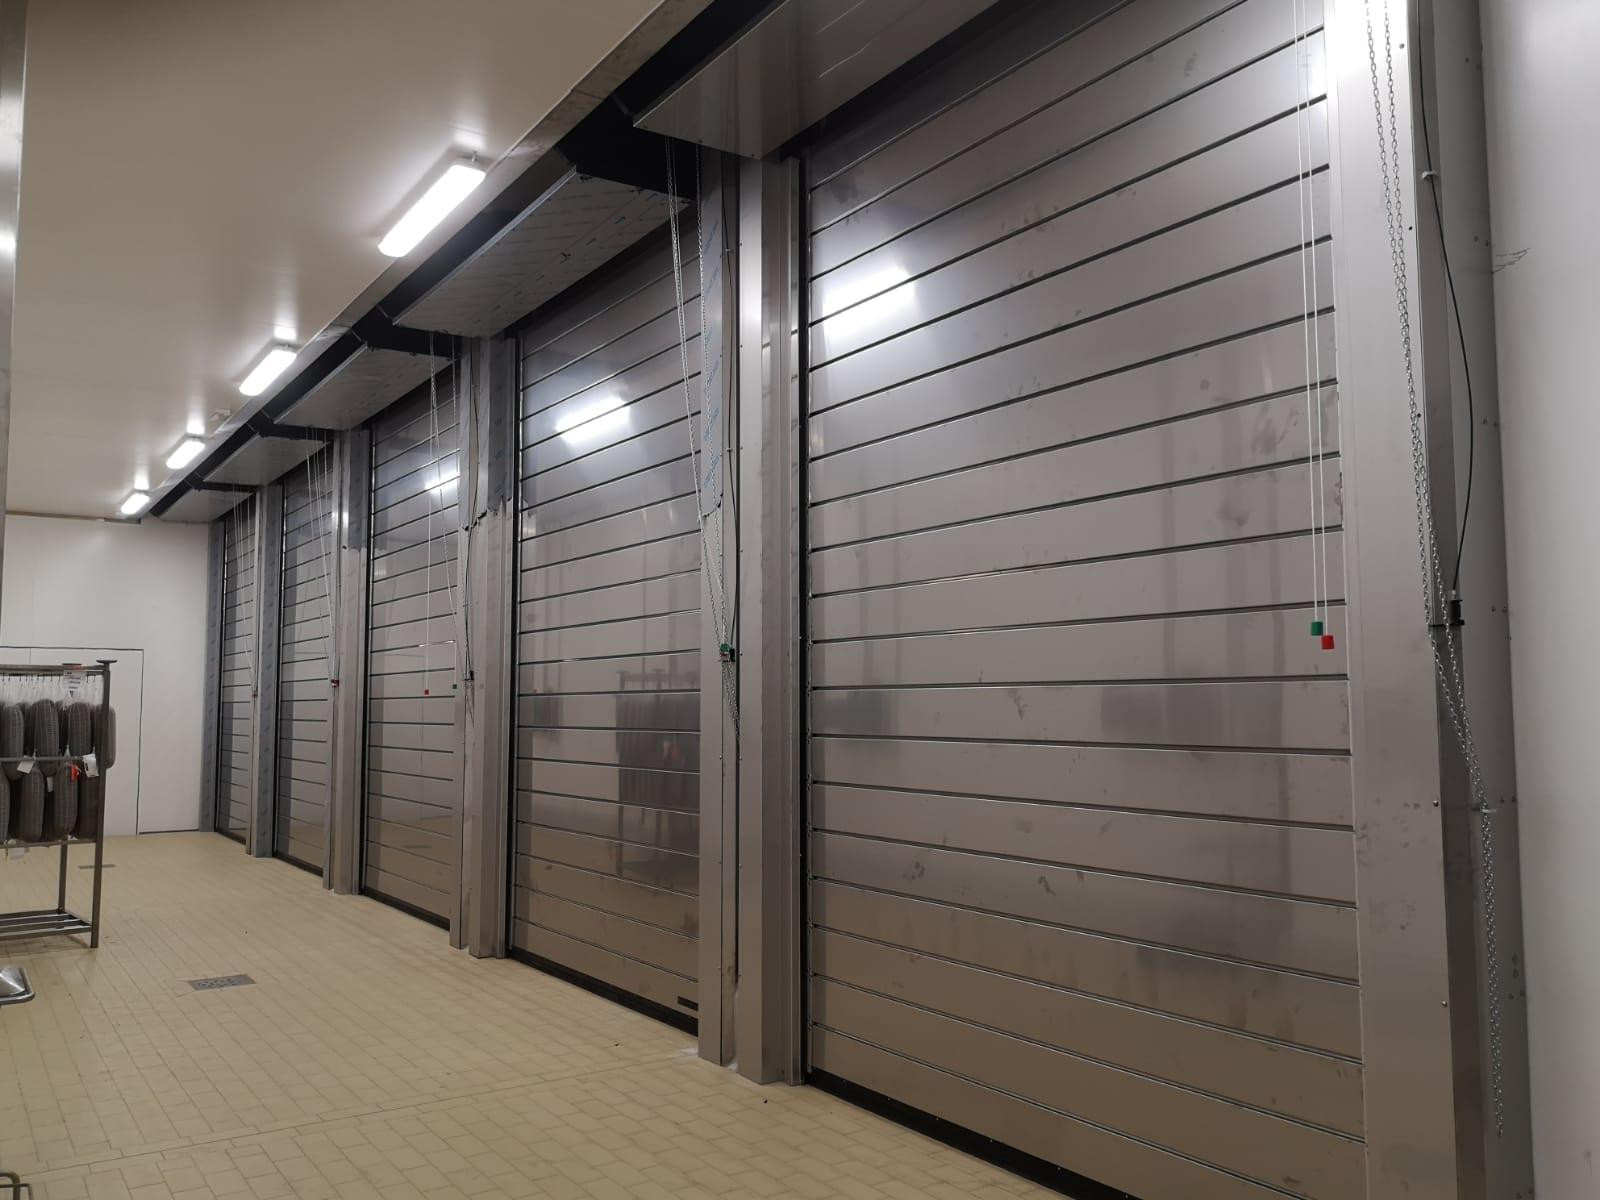 Puertas aislantes – Refrigeración